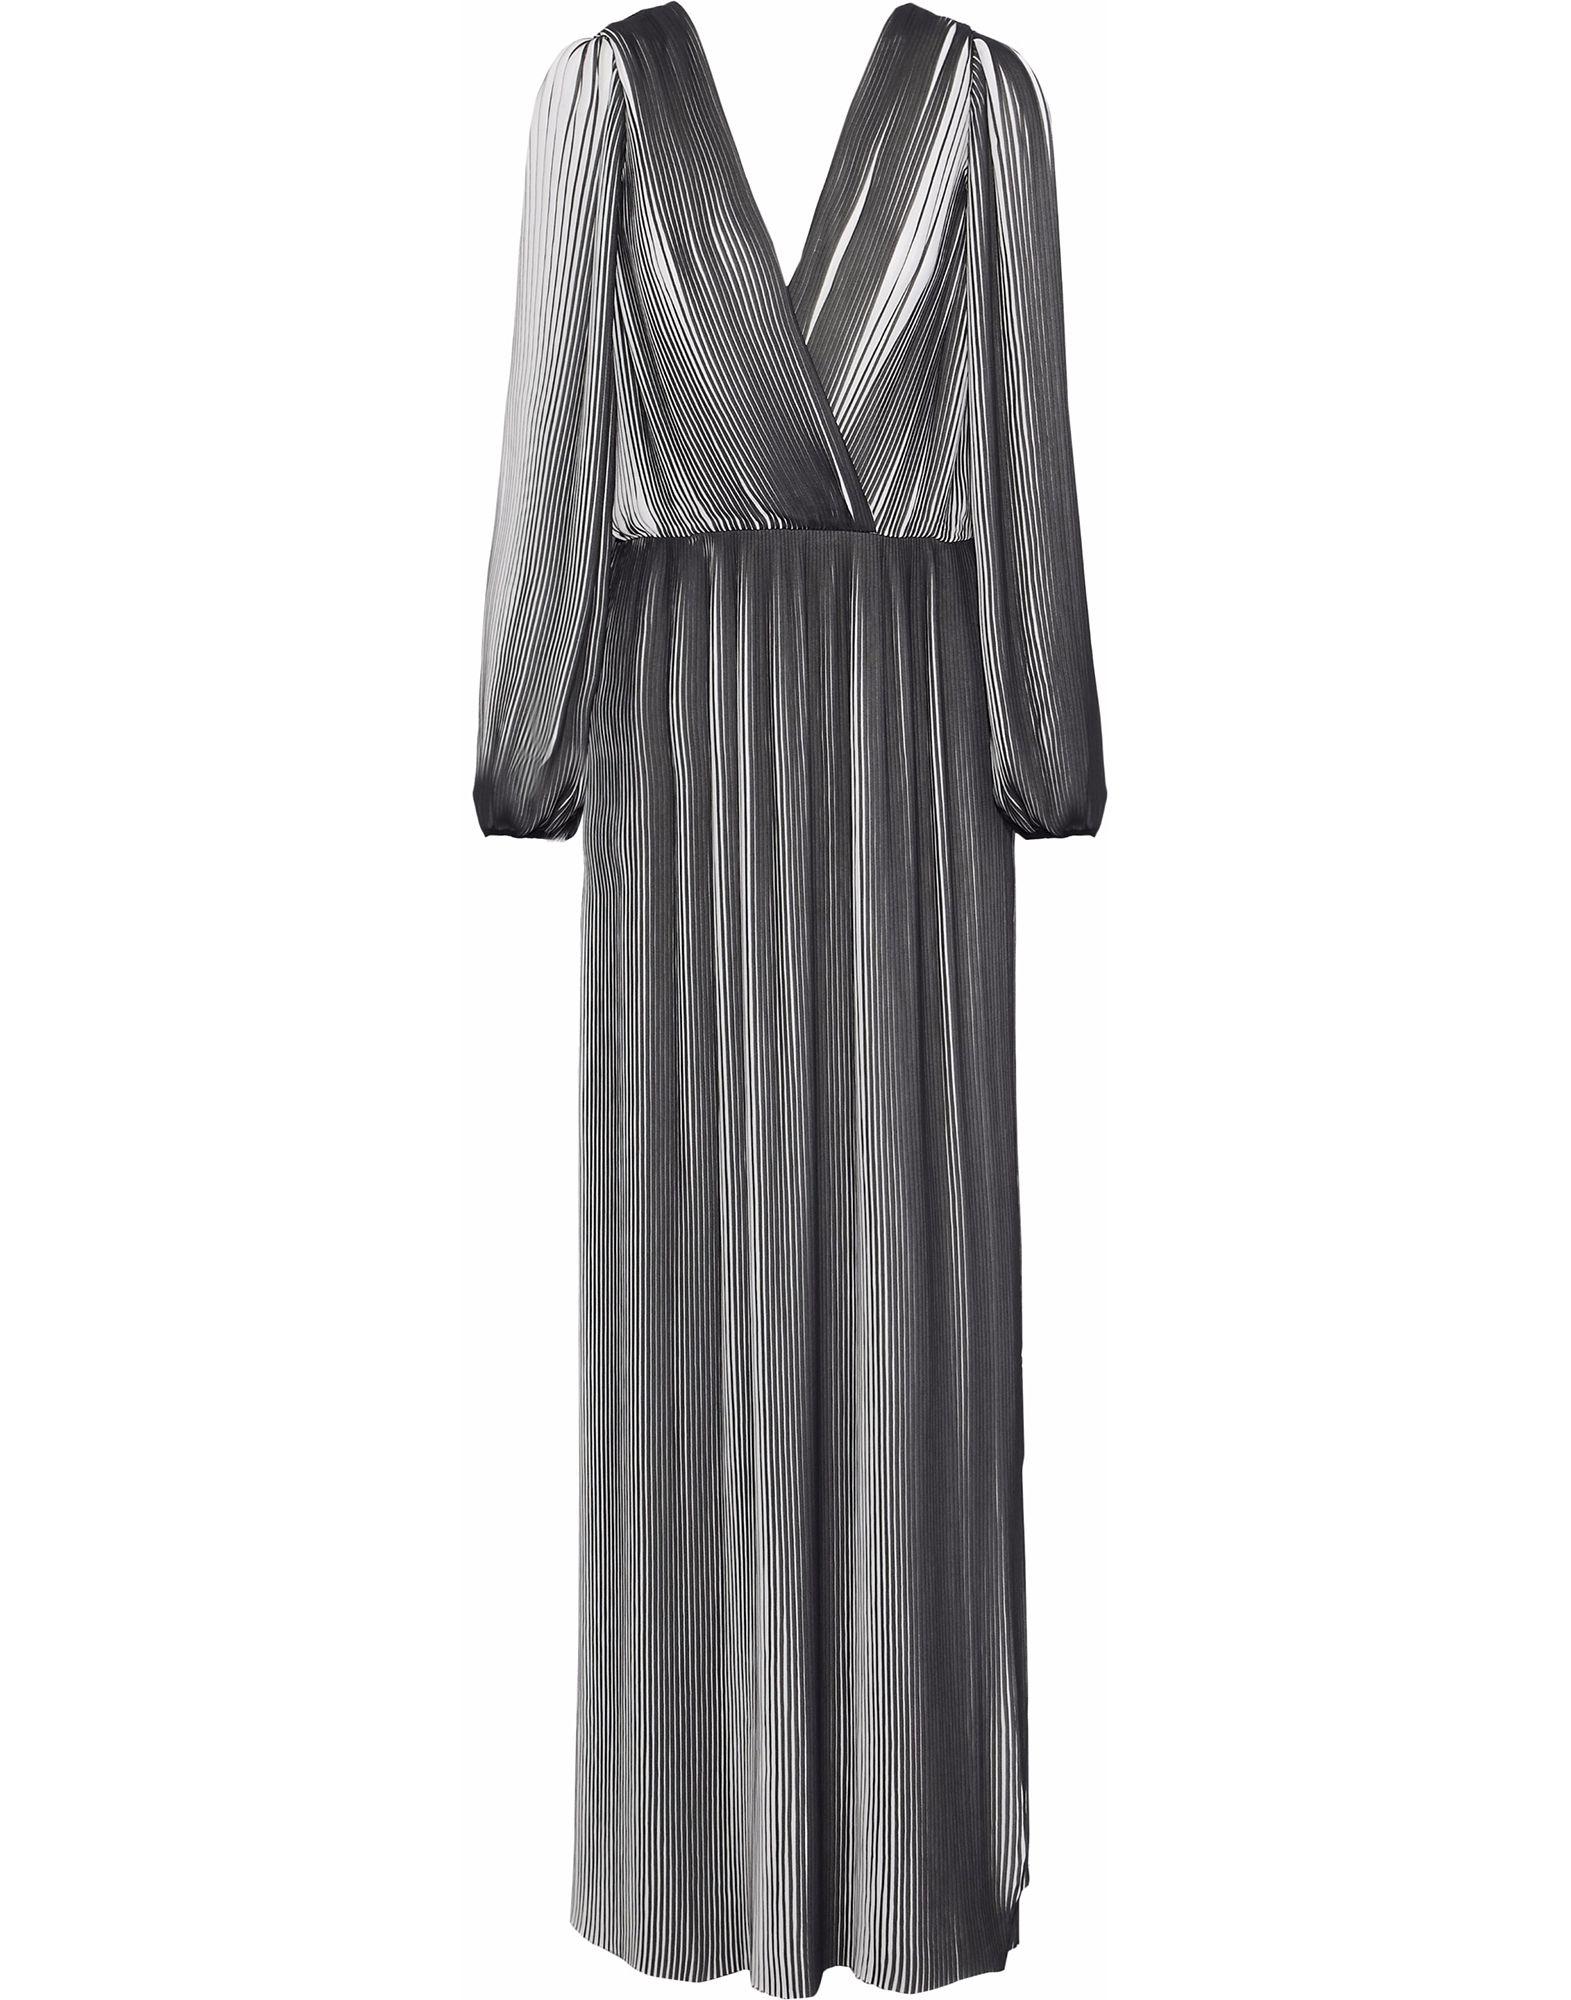 RACHEL GILBERT Длинное платье rachel platten rachel platten wildfire deluxe version